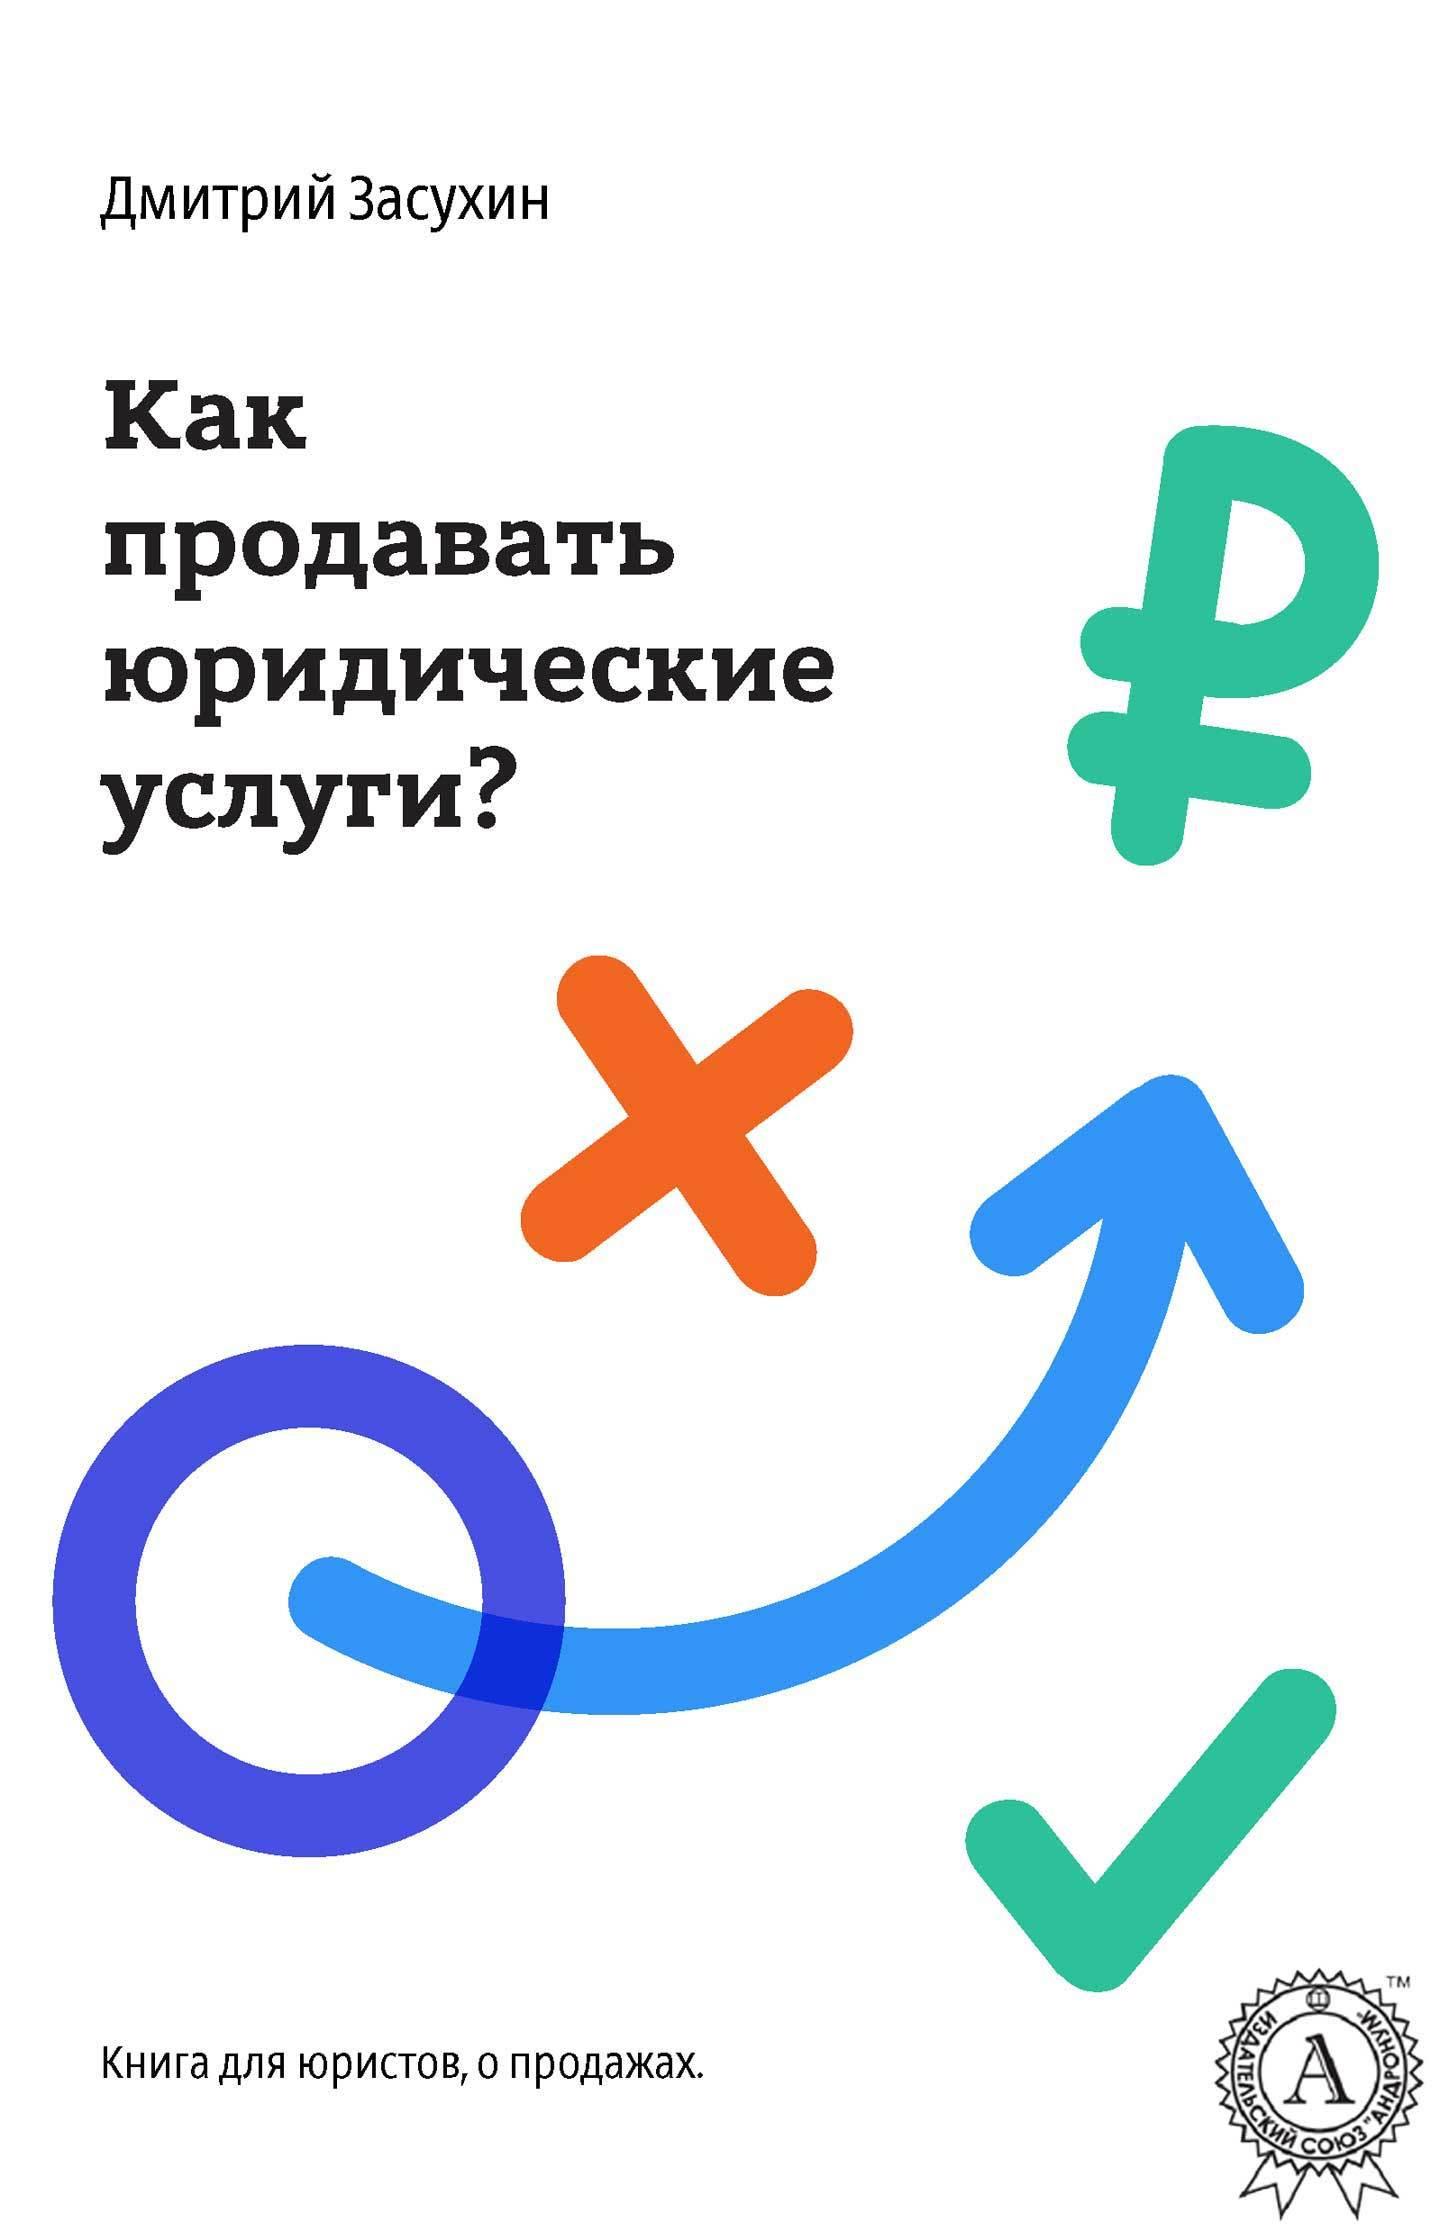 Дмитрий Засухин «Юридический маркетинг. Как продавать юридические услуги?»